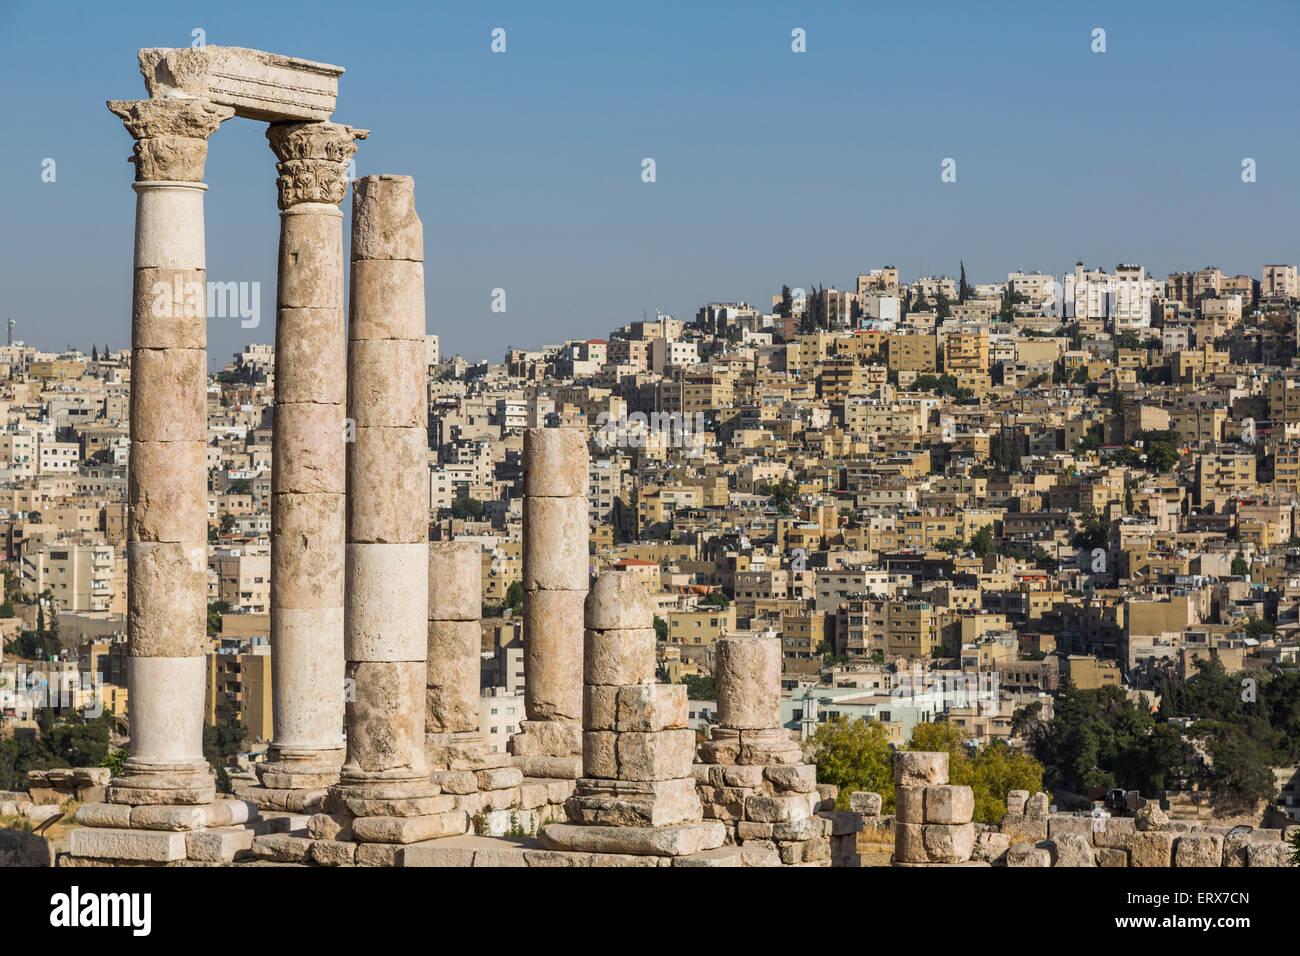 Tempio di Ercole sulla cittadella, Amman, Giordania Immagini Stock